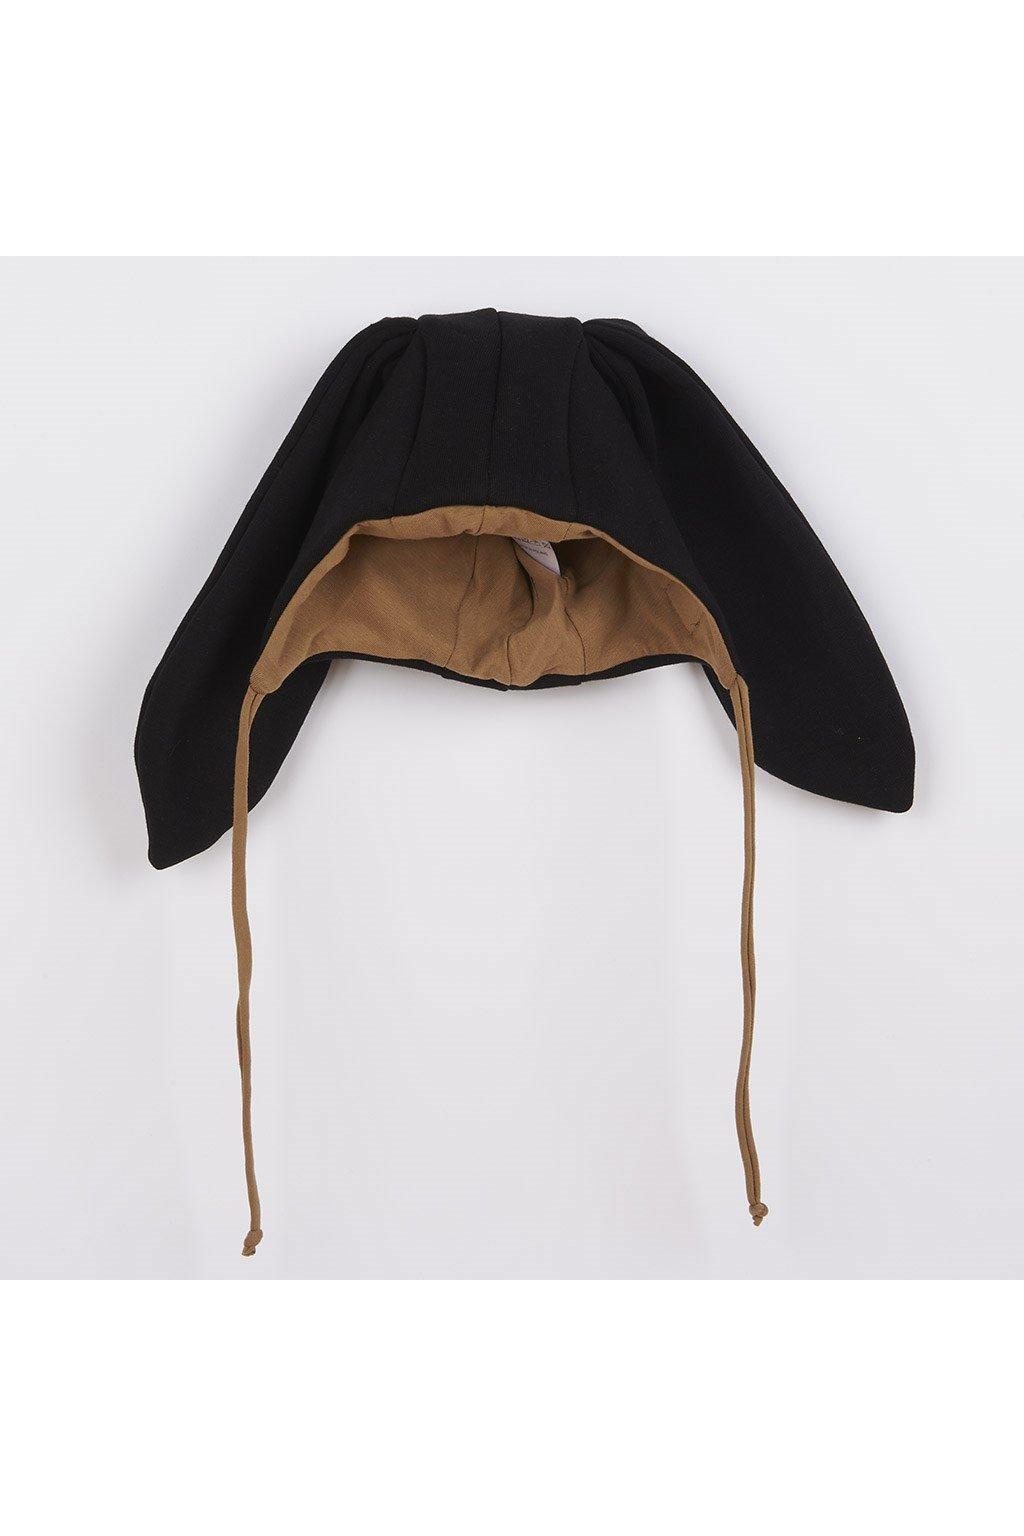 Dojčenská bavlnená čiapka s uškami New Baby Favorite čierna